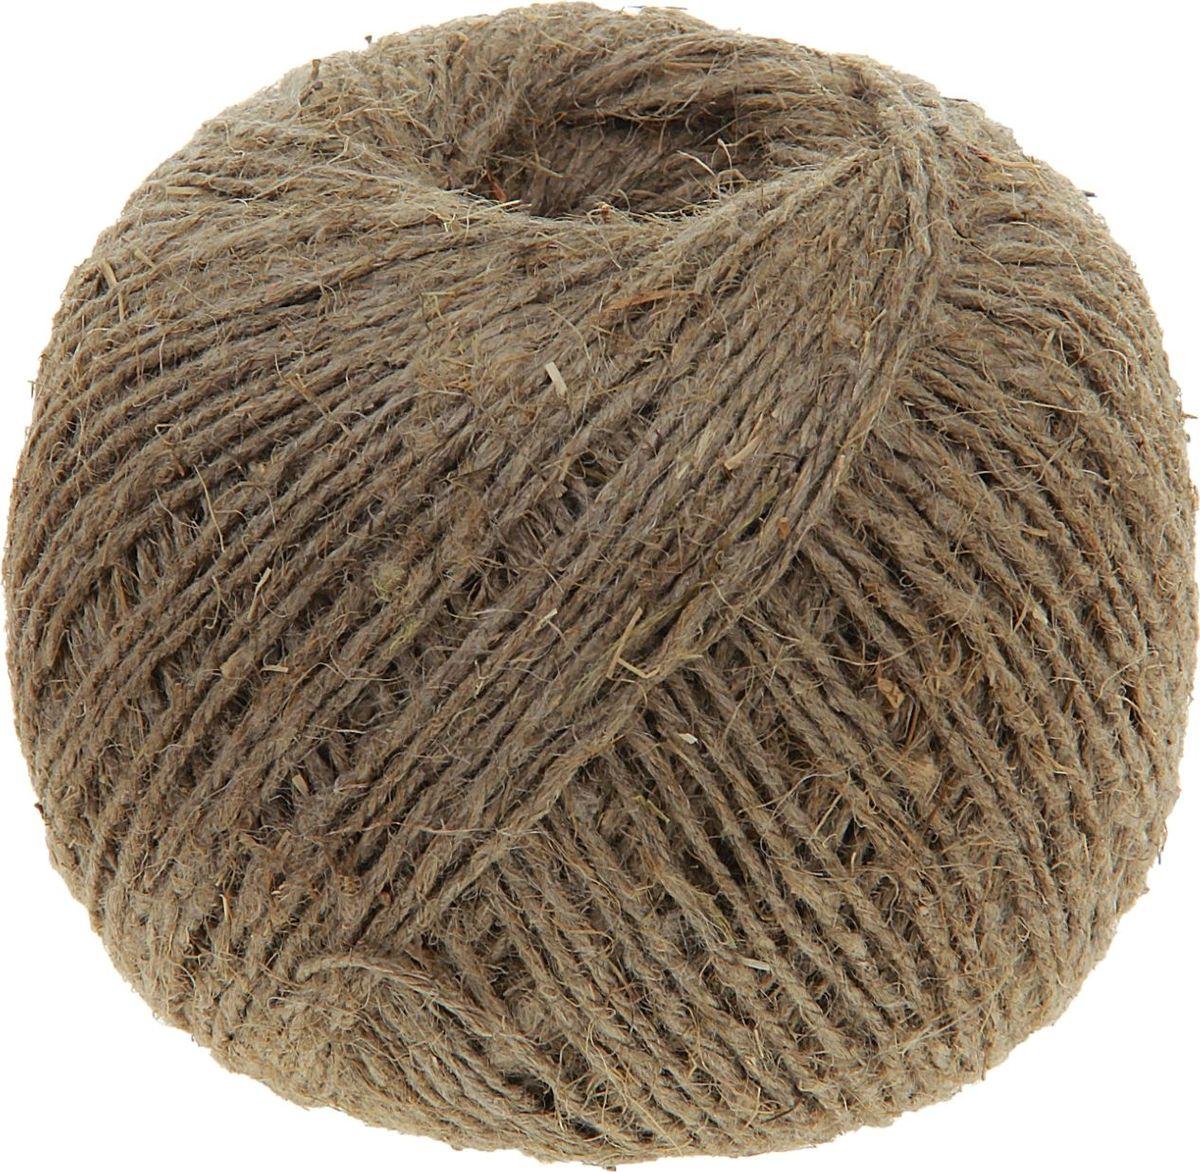 Шпагат льняной Банные Секреты, цвет: коричневый, 200 м1124414Льняной шпагат - экологически чистый перевязочный материал, изготовленный из смеси лубяных льняных, полиолефиновых, вискозных волокон и бумаги, что делает нить хоть и тонкой, но очень прочной на разрыв. Шпагат льняной, 50 м (1,25 КТекс) изготавливается методом мокрого полирования. Используется для прошивки бумаг, архивных папок, перевязки посылок и бандеролей, используется для бытовых и технологических нужд в различных отраслях производства.Длина: 200 м. Вес: 220 г. Линейная плотность шпагата - 1,25 кТекс. Диаметр: 1,4 мм.